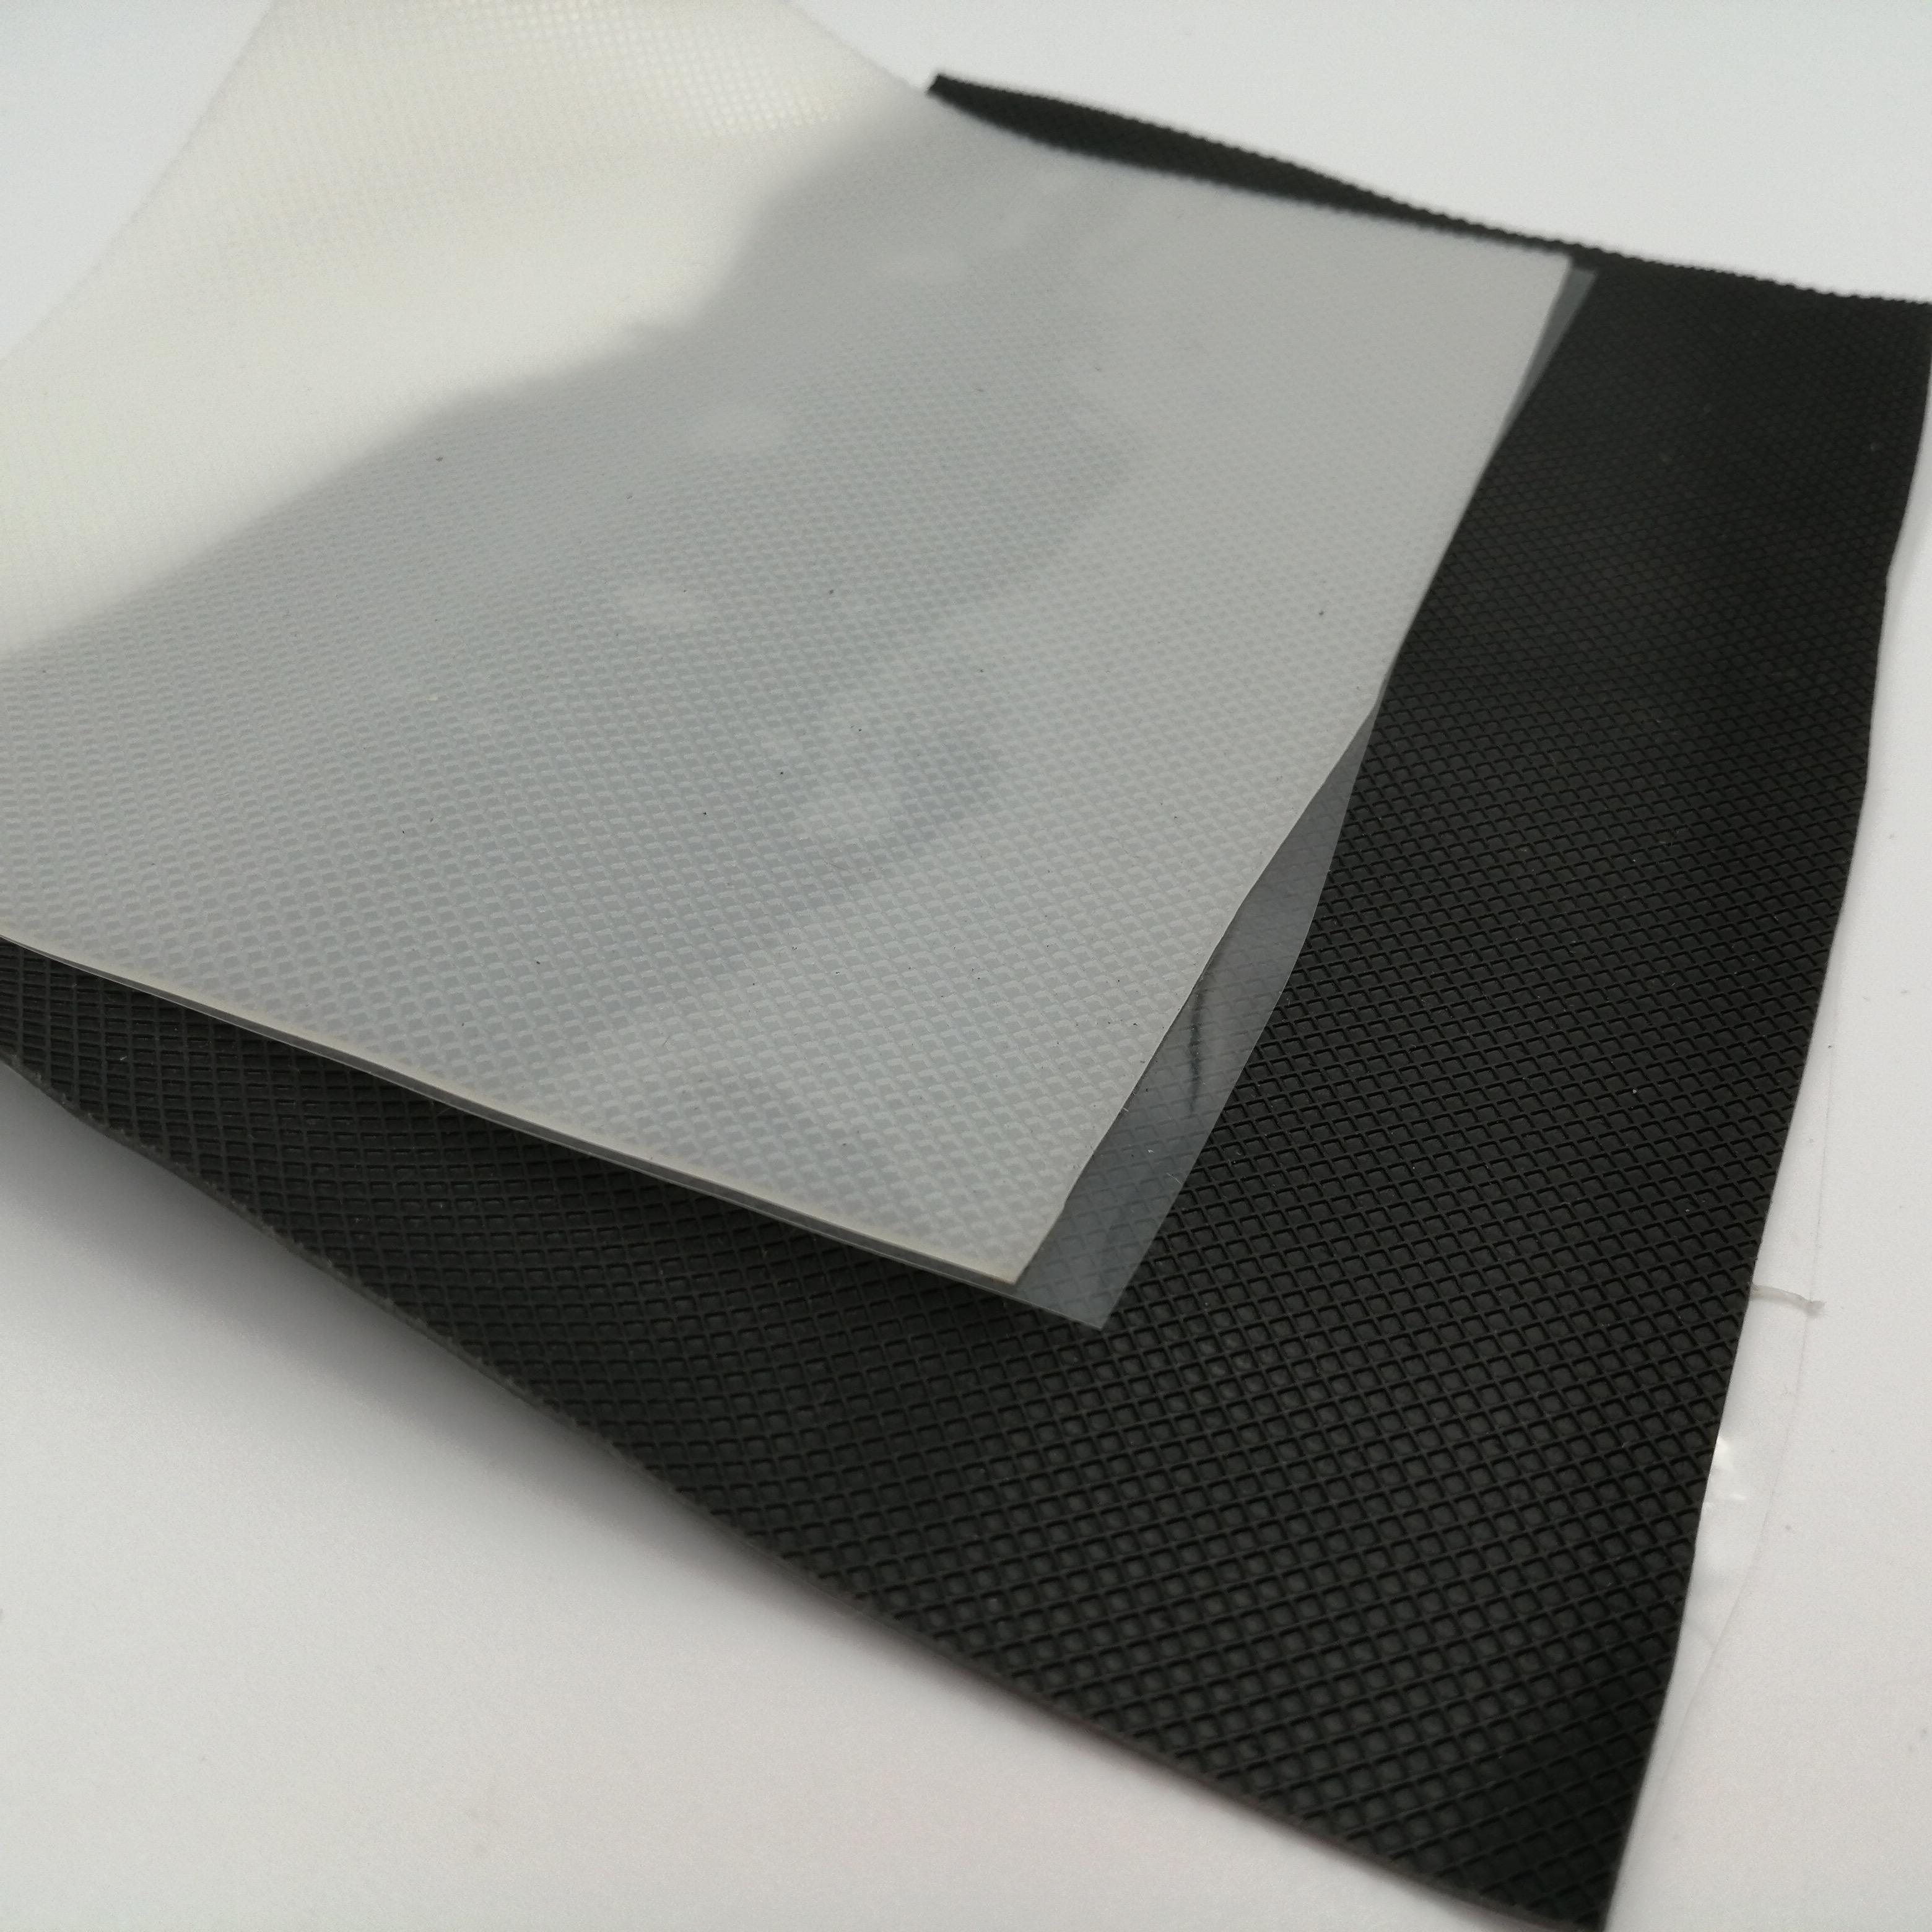 懶人手機支架網格硅膠墊自粘灰色黑色支架硅膠防滑墊網格硅膠定制